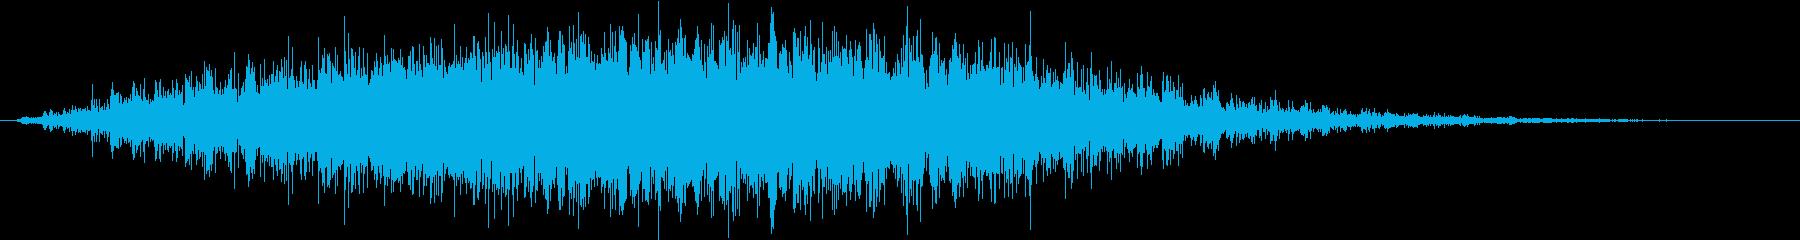 エレクトロニクスEC07_28_3の再生済みの波形